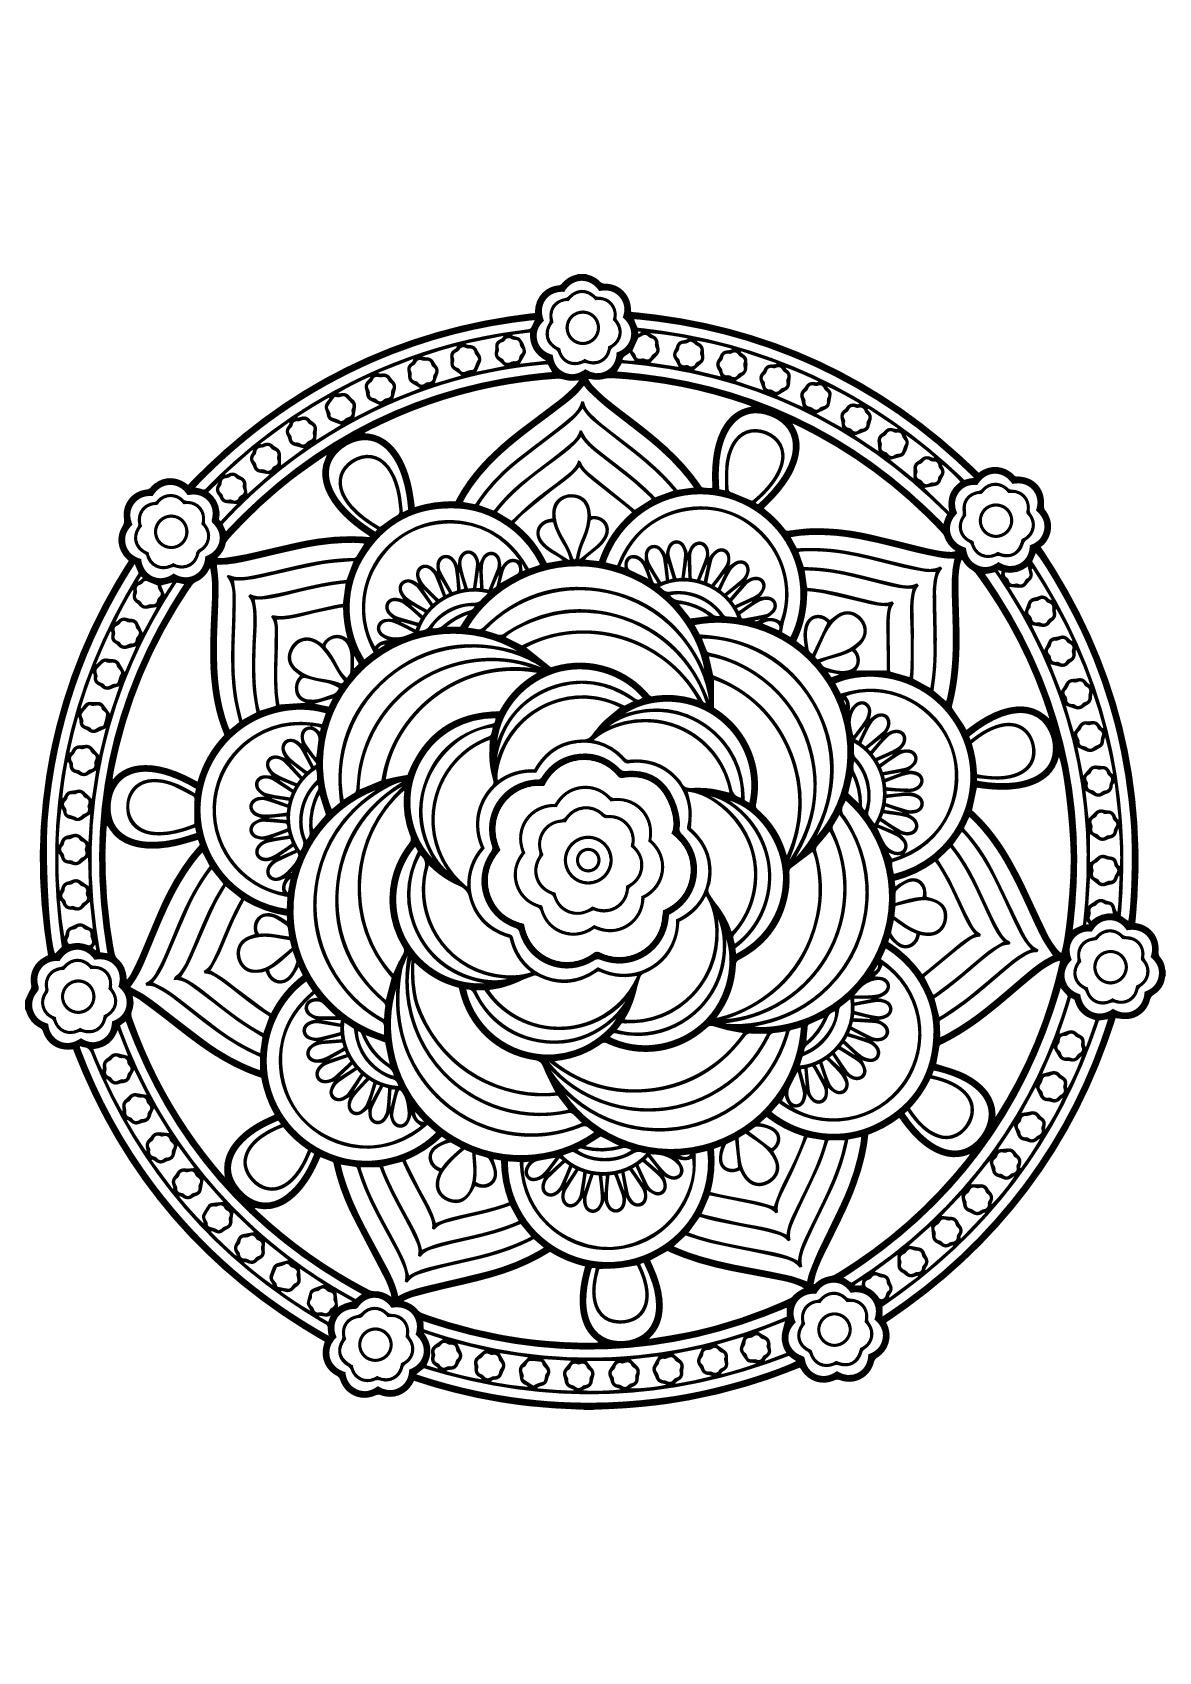 Mandala livre gratuit 7 mandalas coloriages difficiles - Imprimer des mandalas gratuit ...